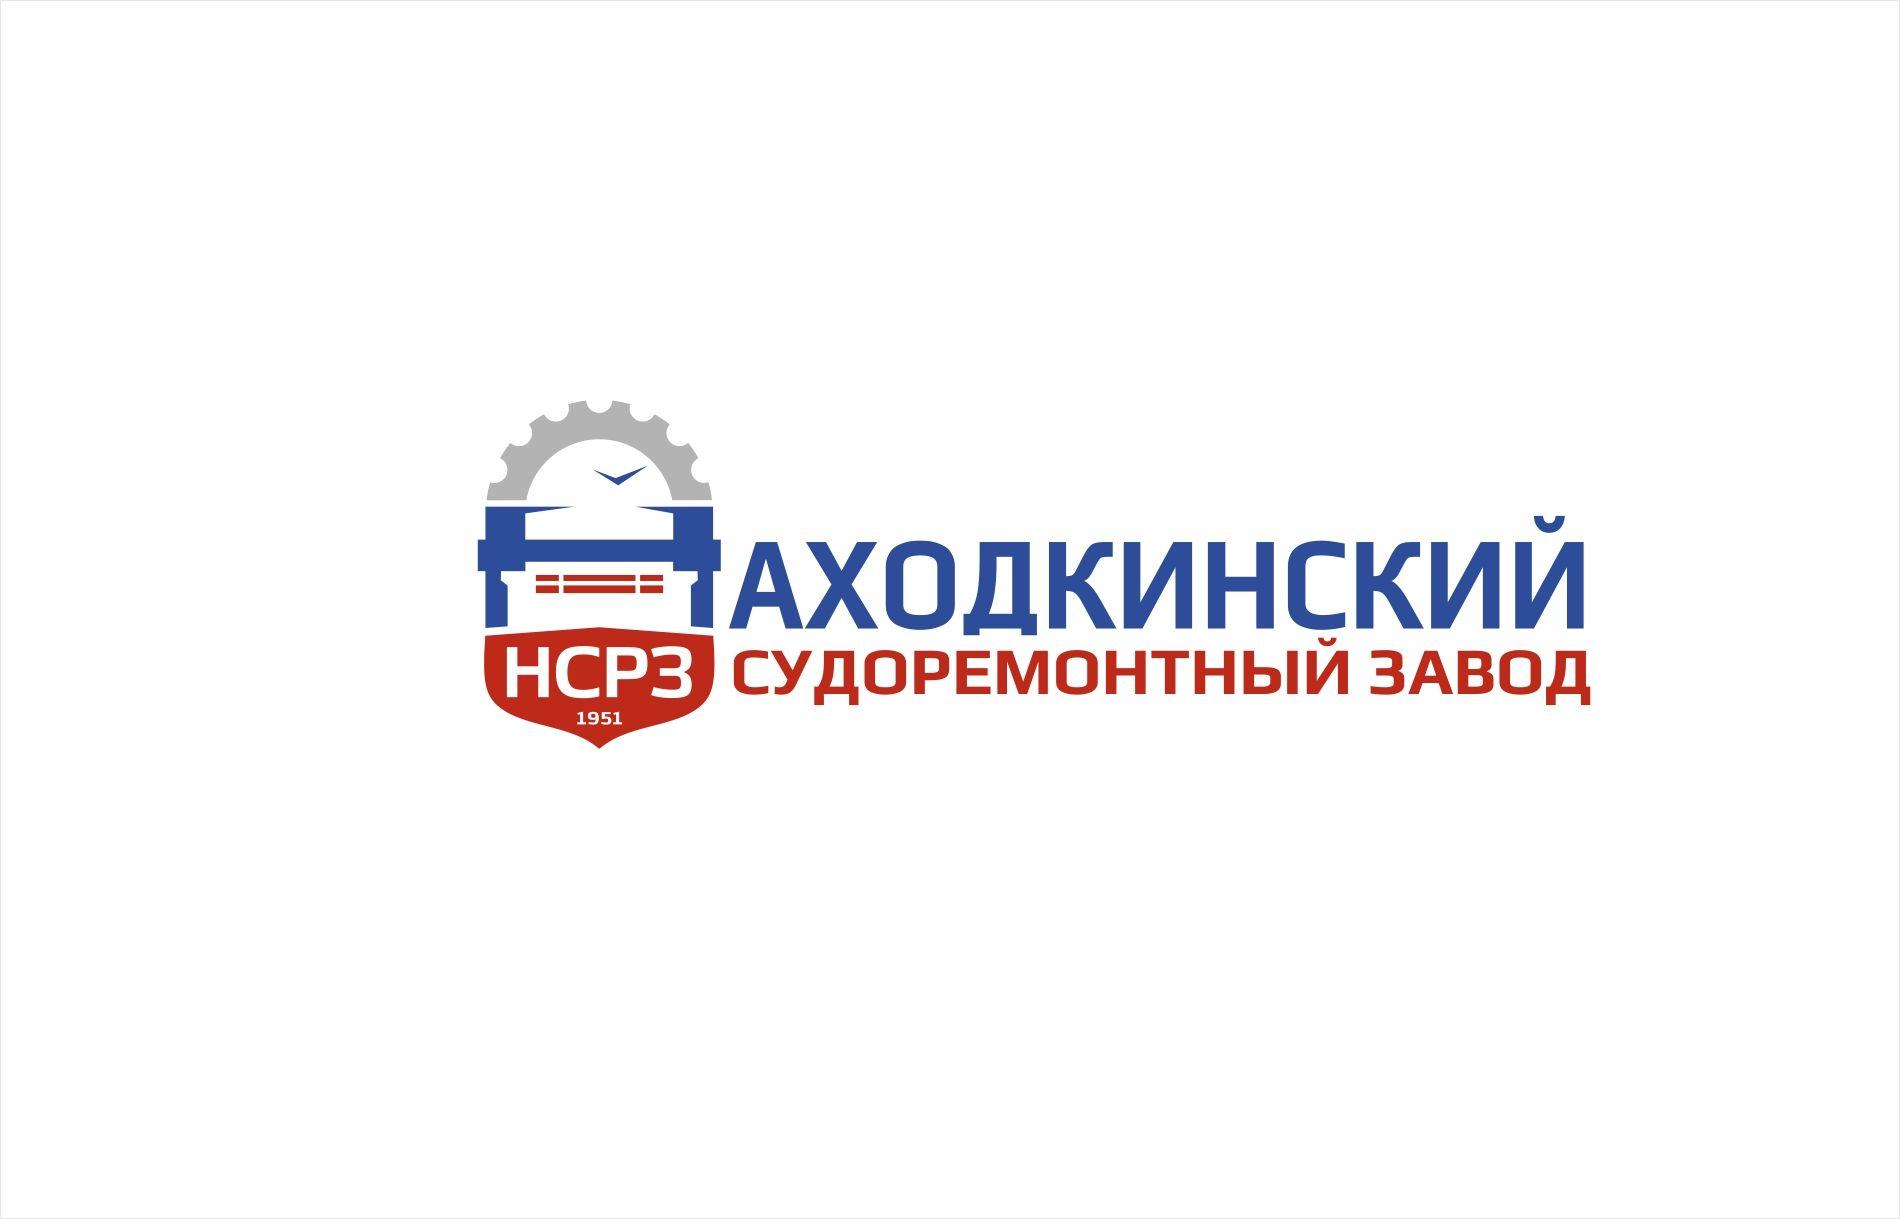 Лого и фирменный стиль для НСРЗ - дизайнер kras-sky